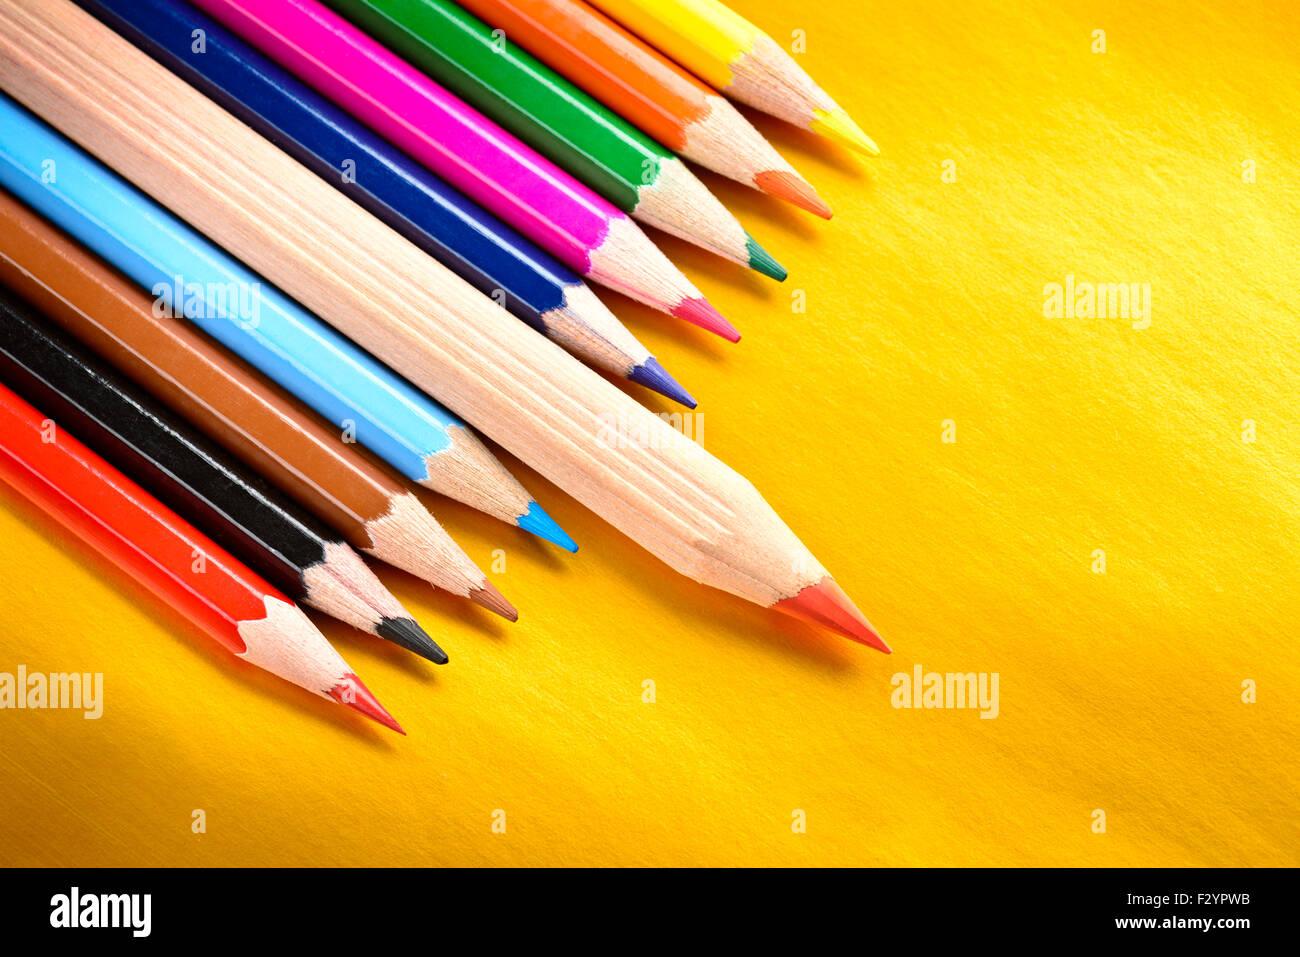 Matita rossa in piedi fuori da un mazzo di matite colorate, il concetto di leadership Immagini Stock